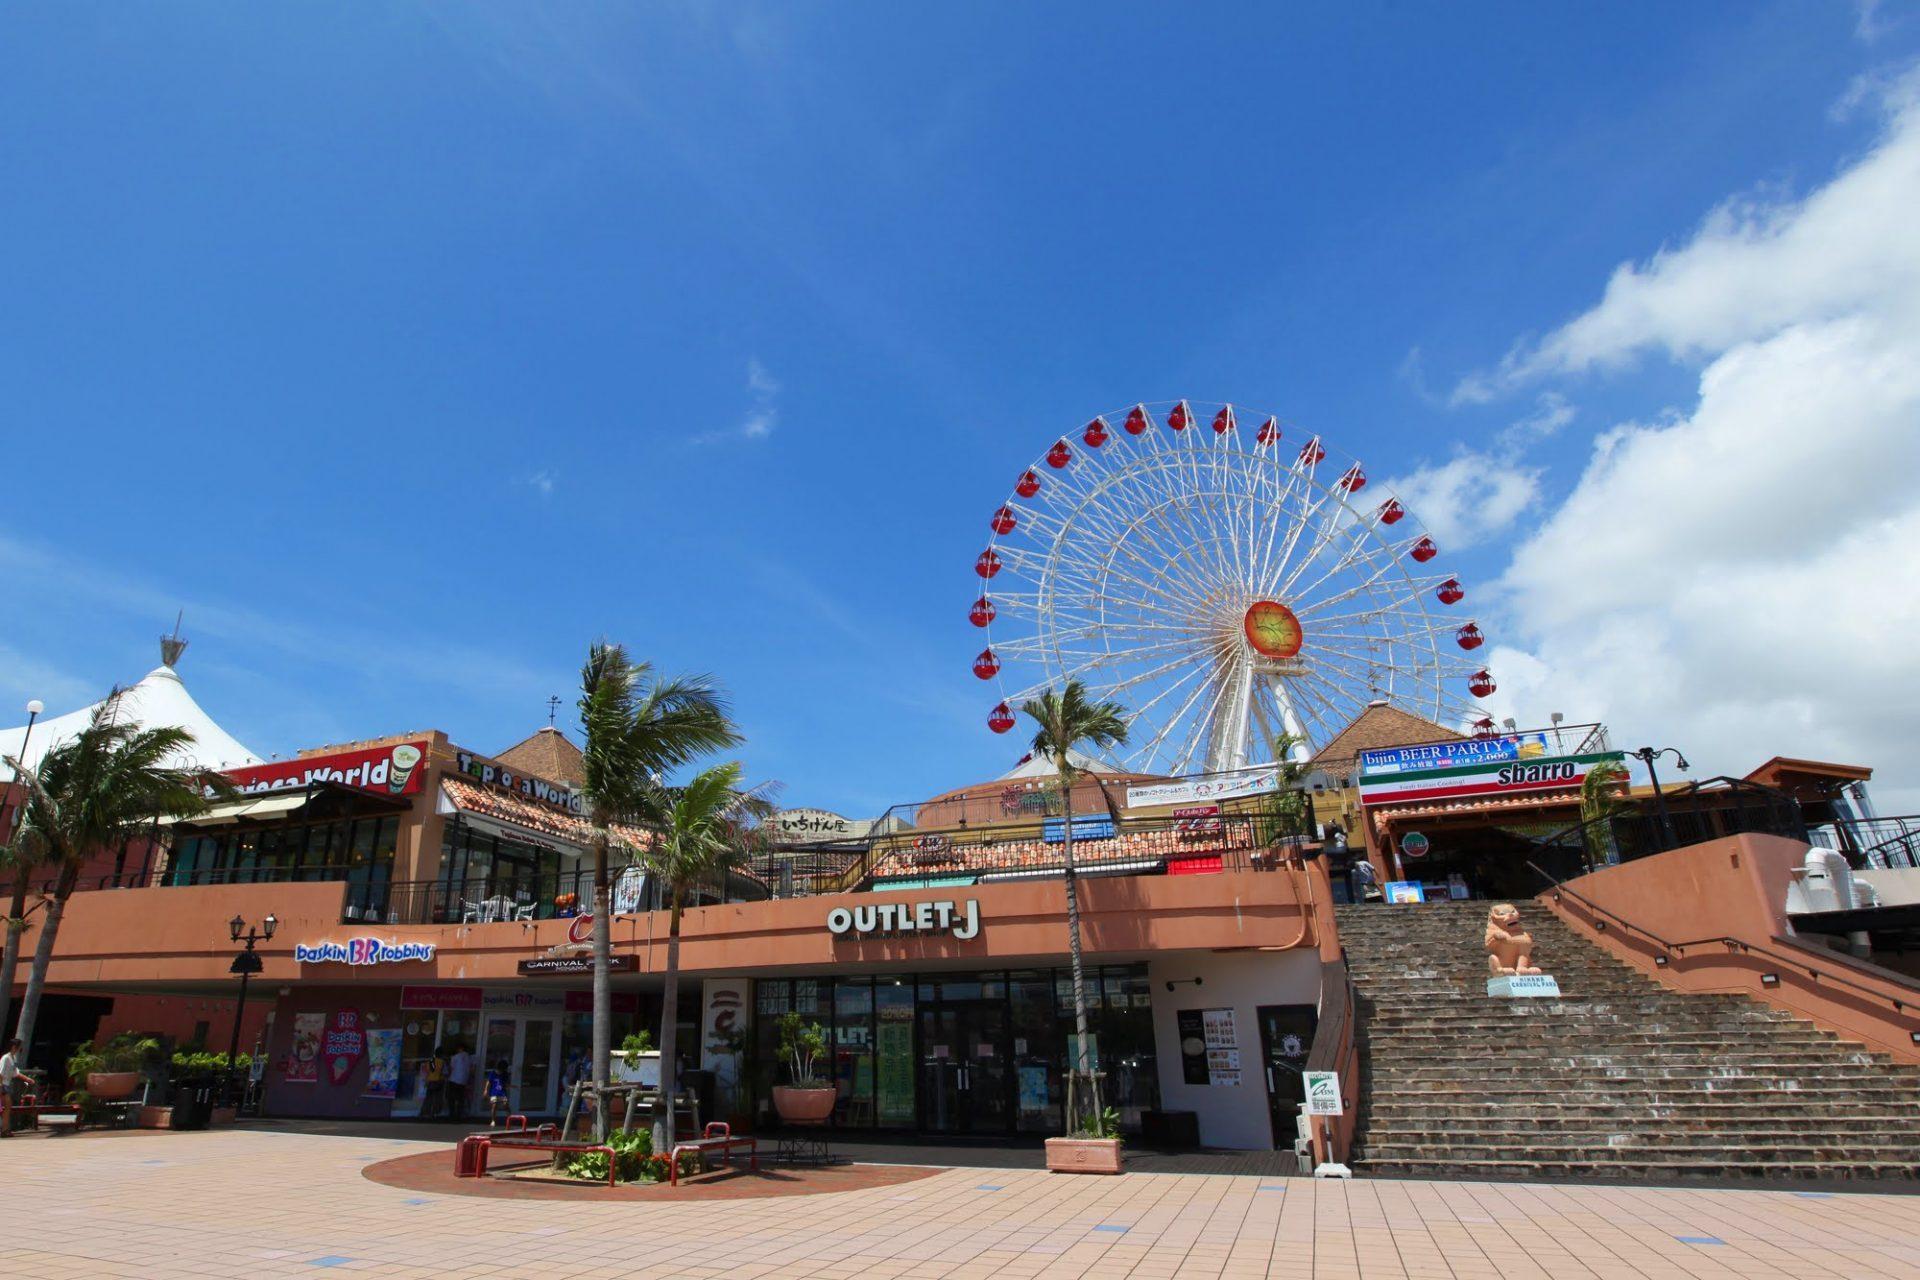 美浜アメリカンビレッジ 北谷町 沖縄 旅行 カップル